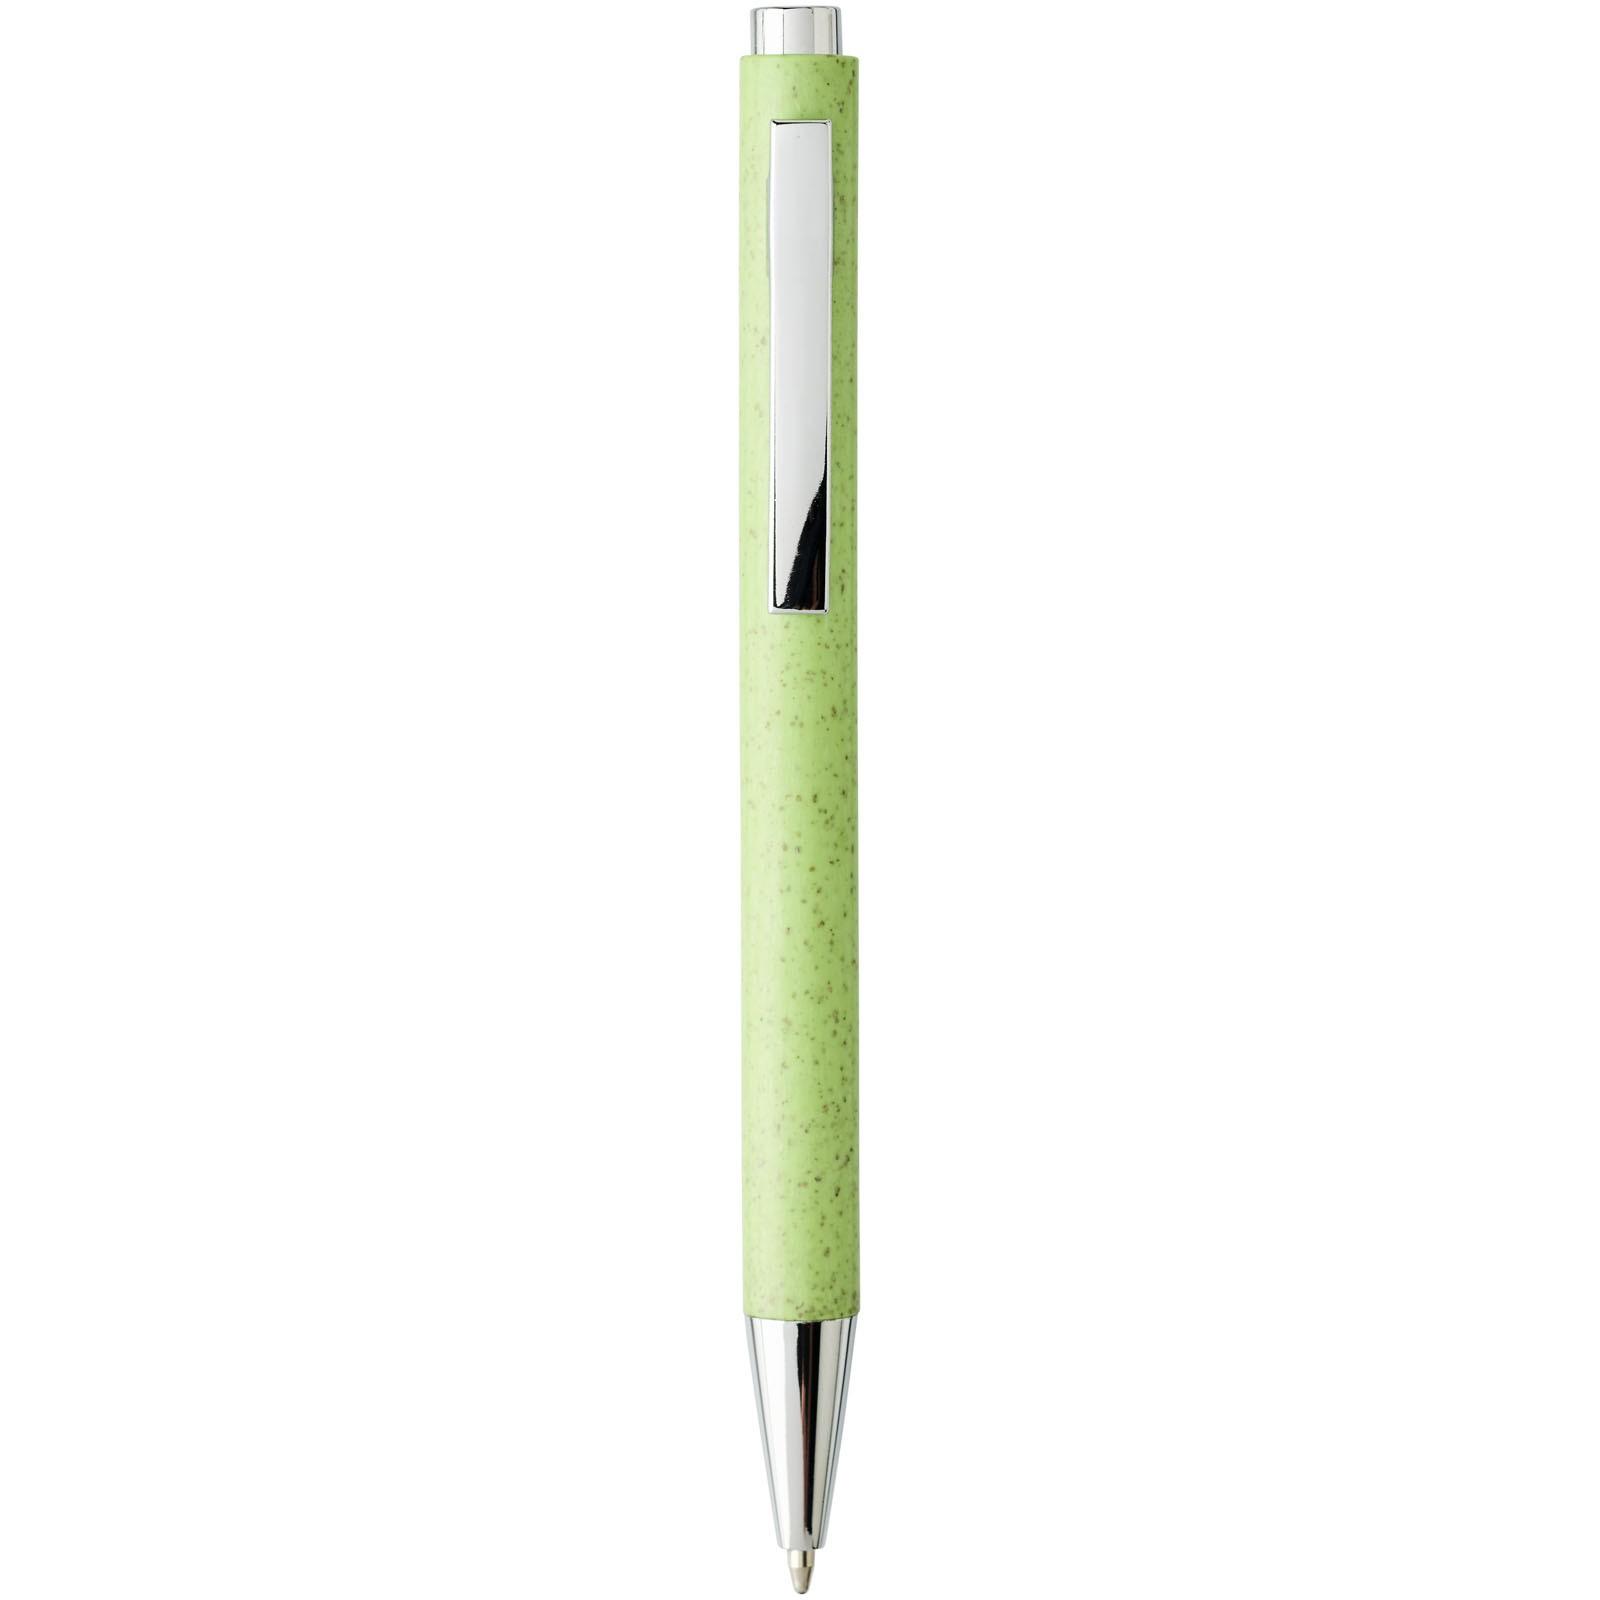 Tual kuličkové pero se stiskacím mechanismem z pšeničné slámy - Zelené jablko